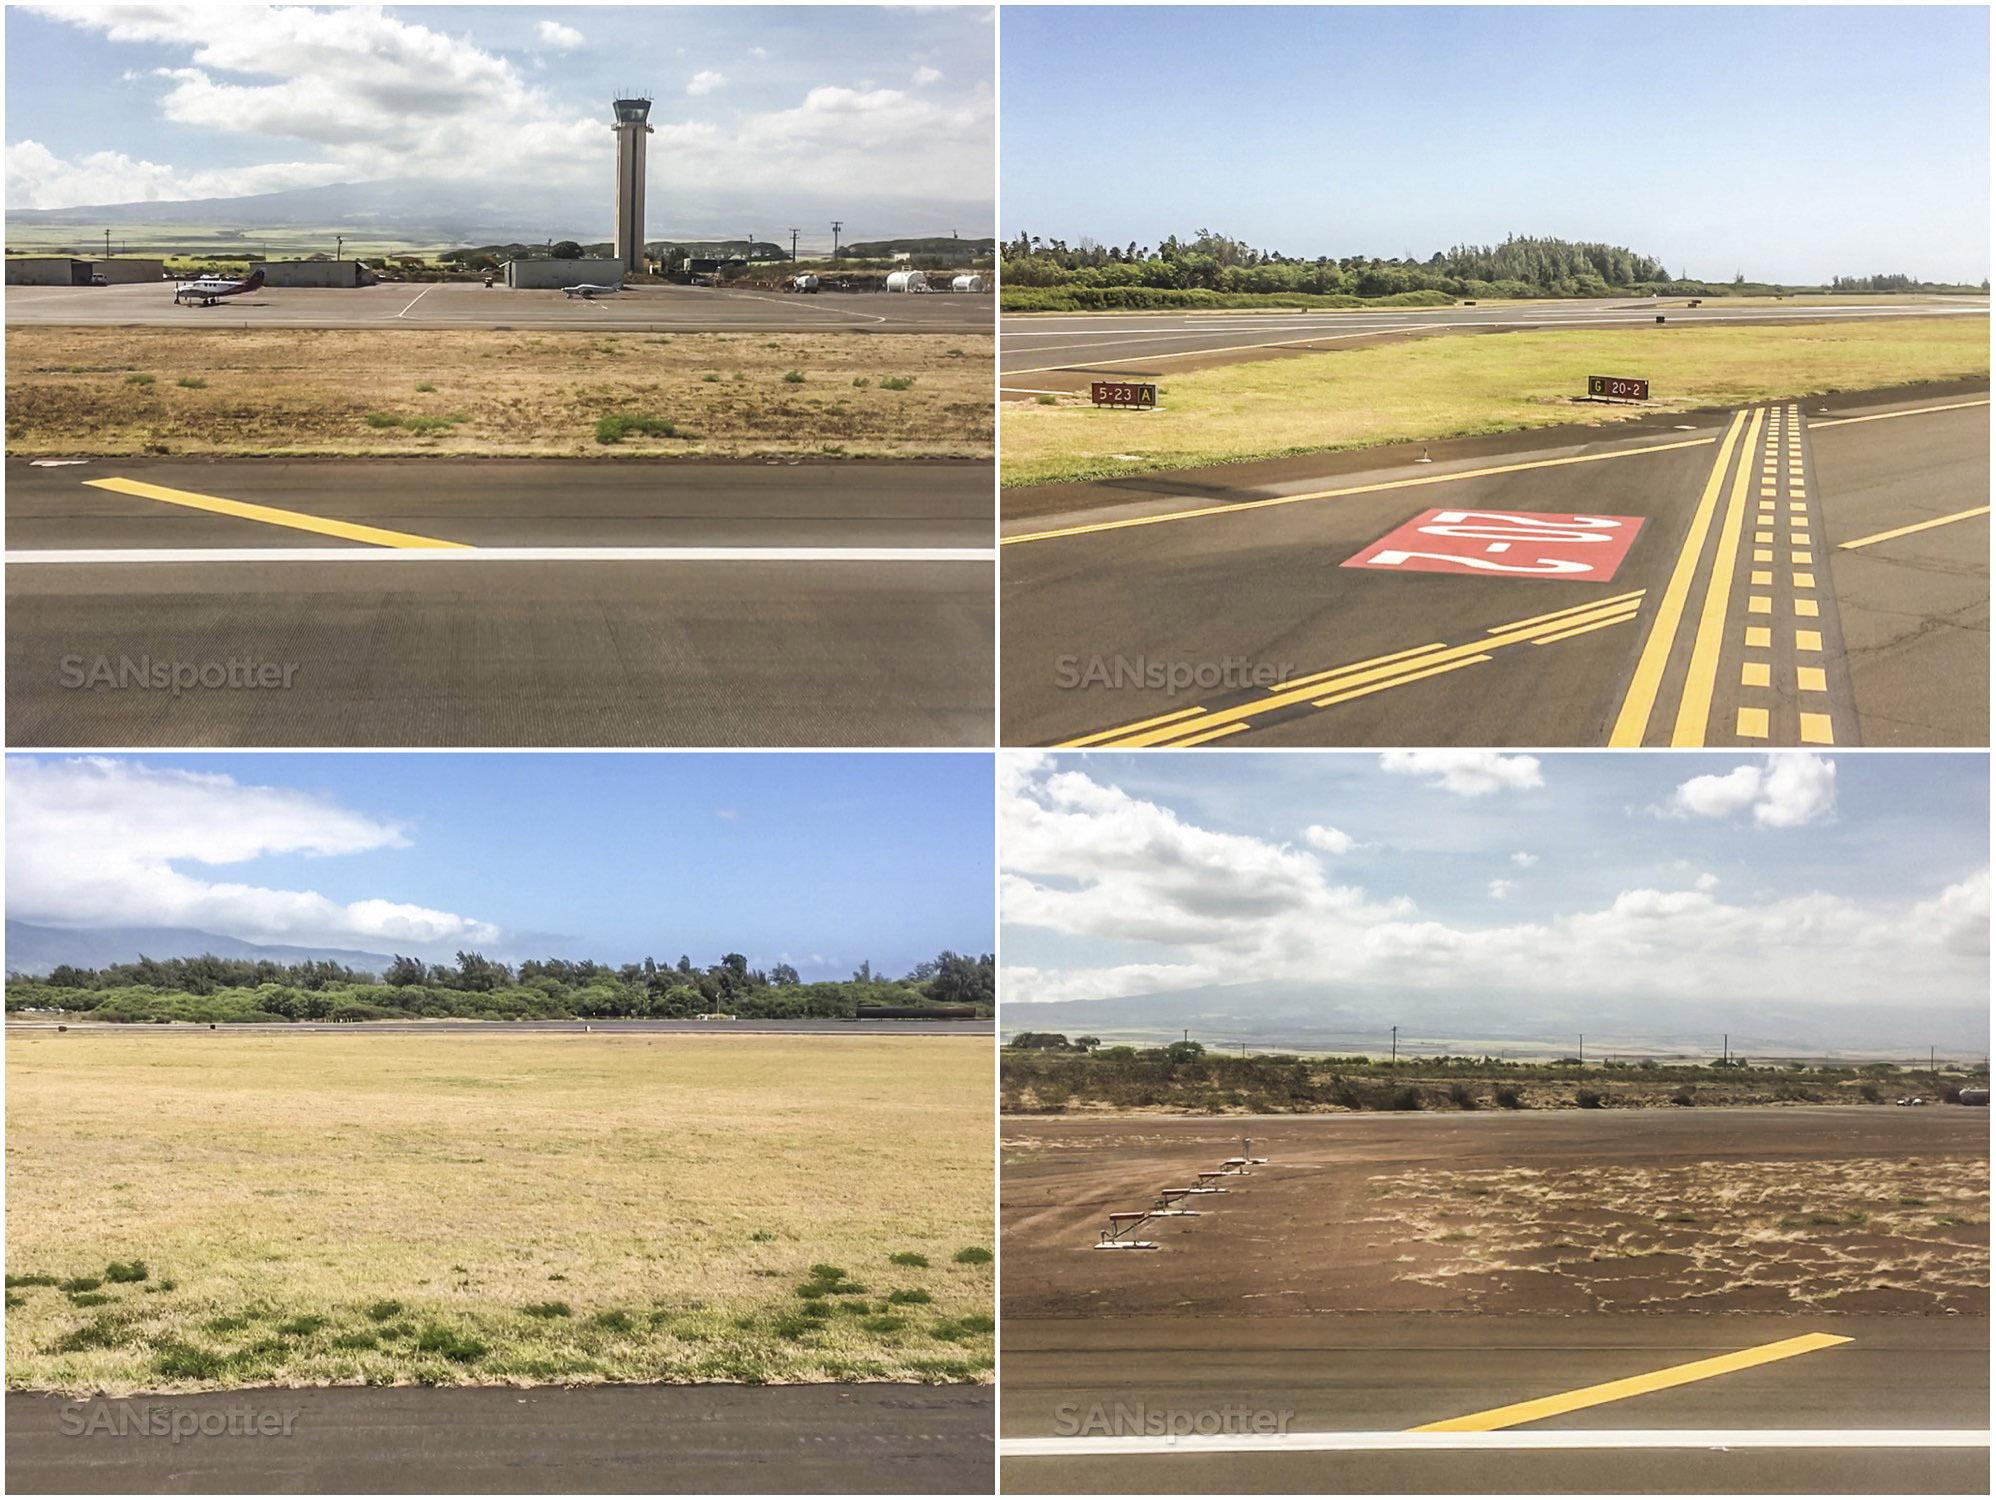 Landing at Maui airport